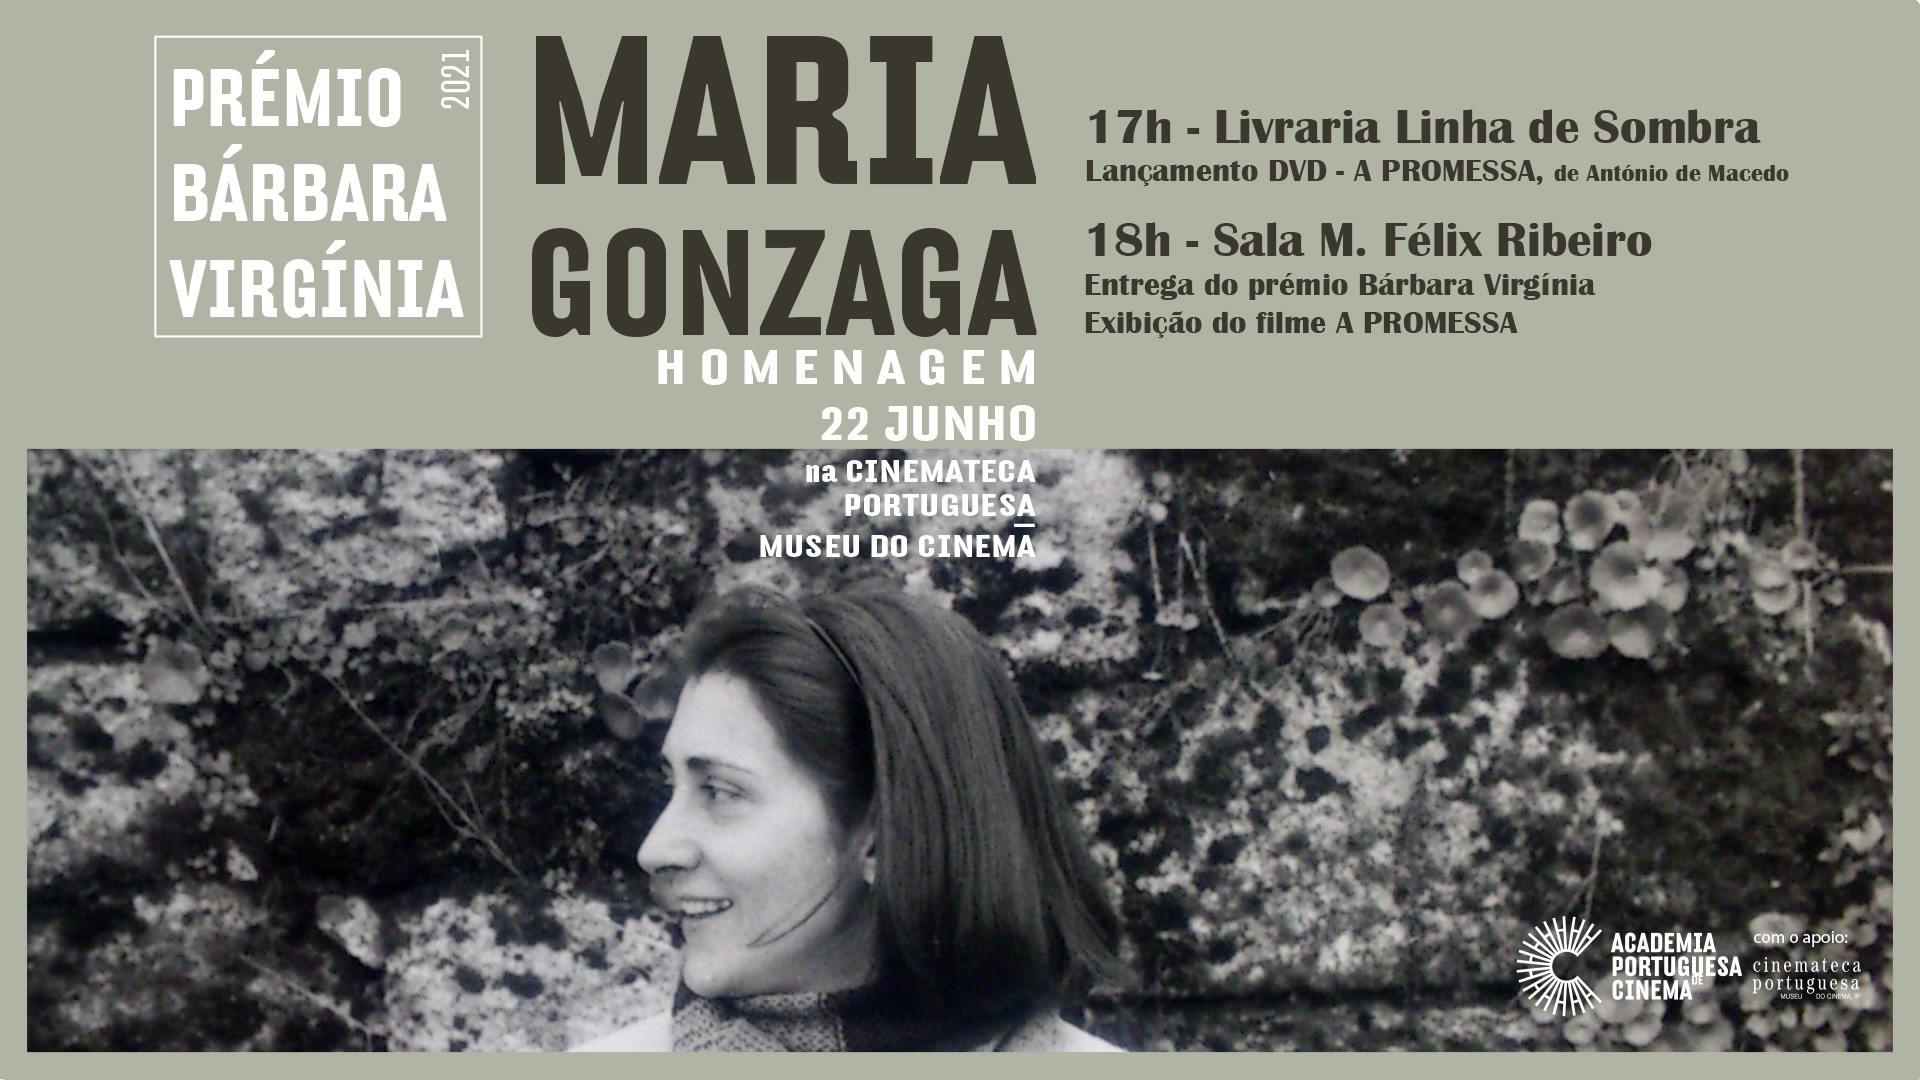 Maria Gonzaga -Prémio Bárbara Virgínia | 'A Promessa' - exibição do filme e lançamento DVD